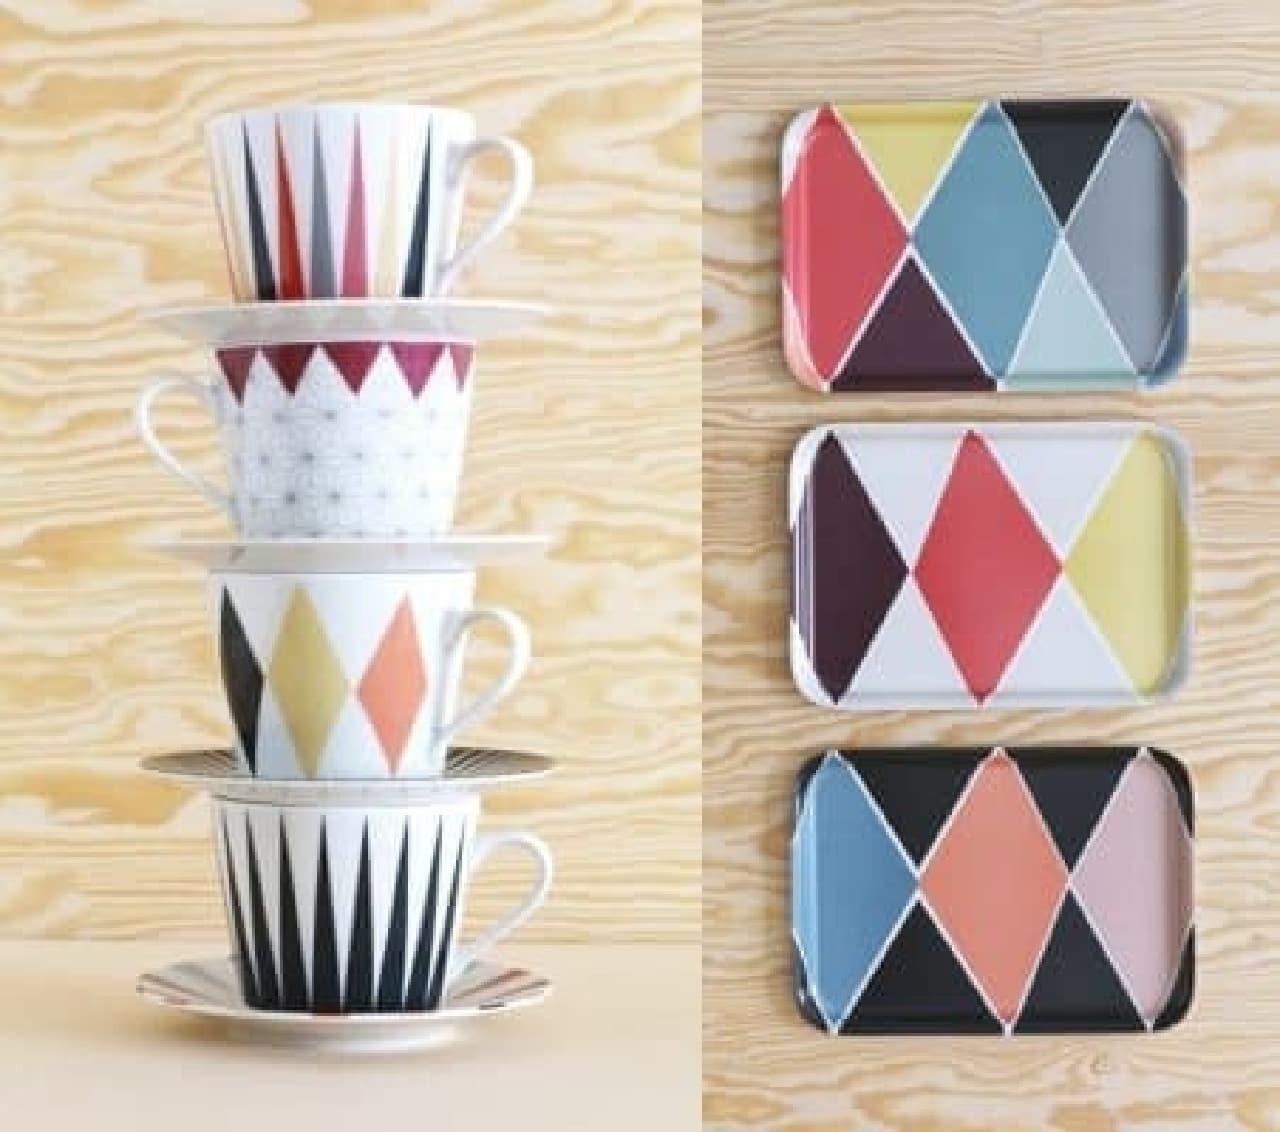 (左)「ブローキグ コーヒーカップ&ソーサー」(1,499円)  (右)「ブローキグ トレイ」(499円/1枚)